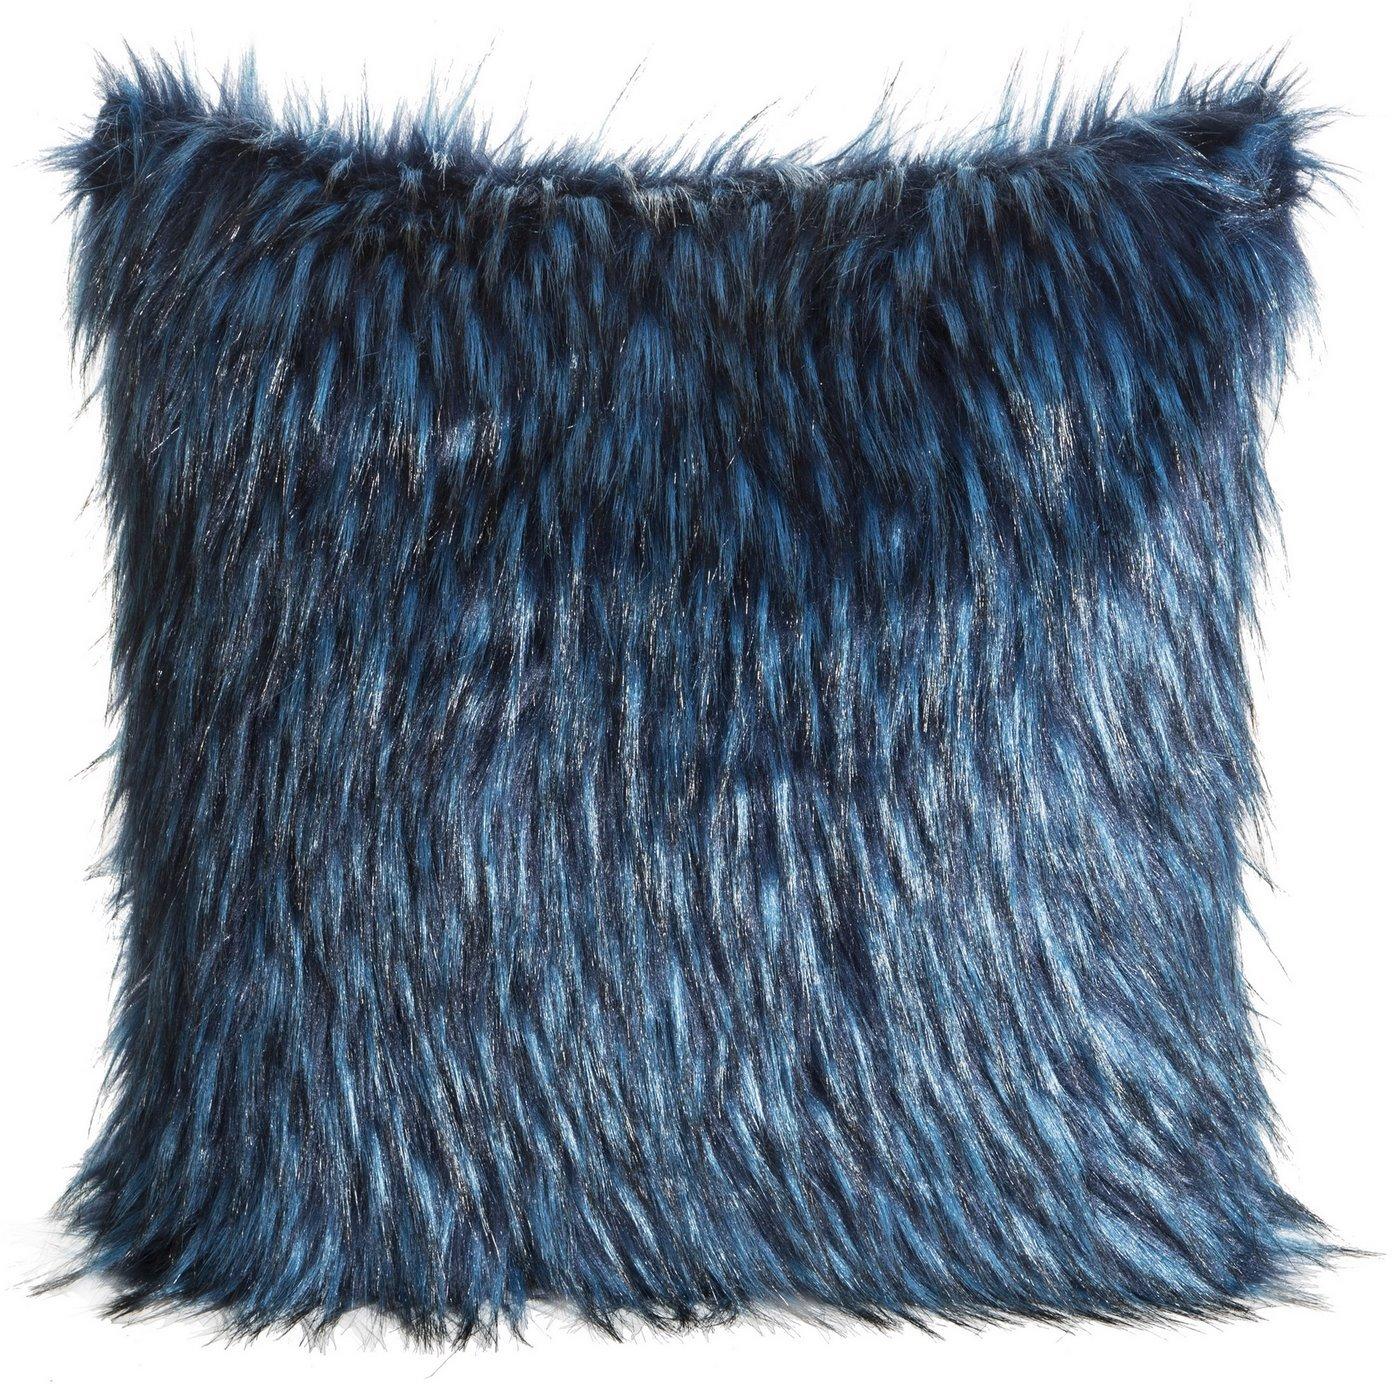 Poszewka na poduszkę 45 x 45 cm włochate futerko niebiesko czarna